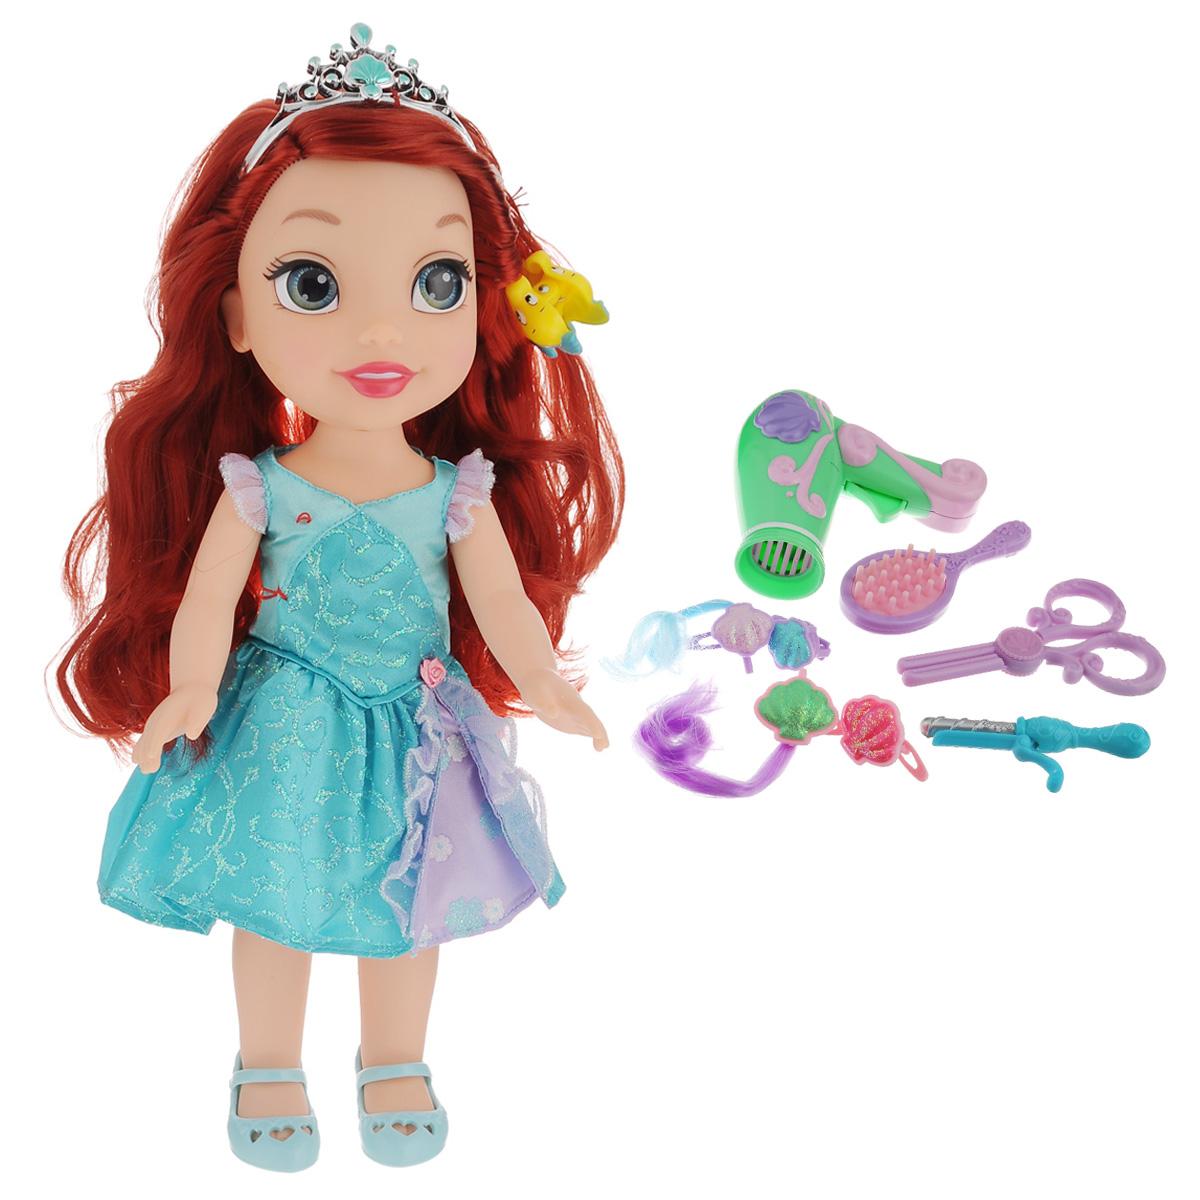 Disney Princess Игровой набор с куклой Easy Styles Ариэль757220_АриэльИгровой набор Disney Princess Easy Styles Ариэль - это великолепный игровой набор, который непременно понравится любой девочке. Набор состоит из куклы героине популярного мультфильма Ариэль и все необходимые аксессуары для создания стильного образа. Фен работает как настоящий от 1 батарейки напряжения 1,5 V типа ААА (не входит в комплект), а утюжок поможет создать красивые локоны. Модные заколочки завершат стильный образ. Игрушка изготовлена из высококачественных материалов. Кукла имеет большие не нарисованные глаза.